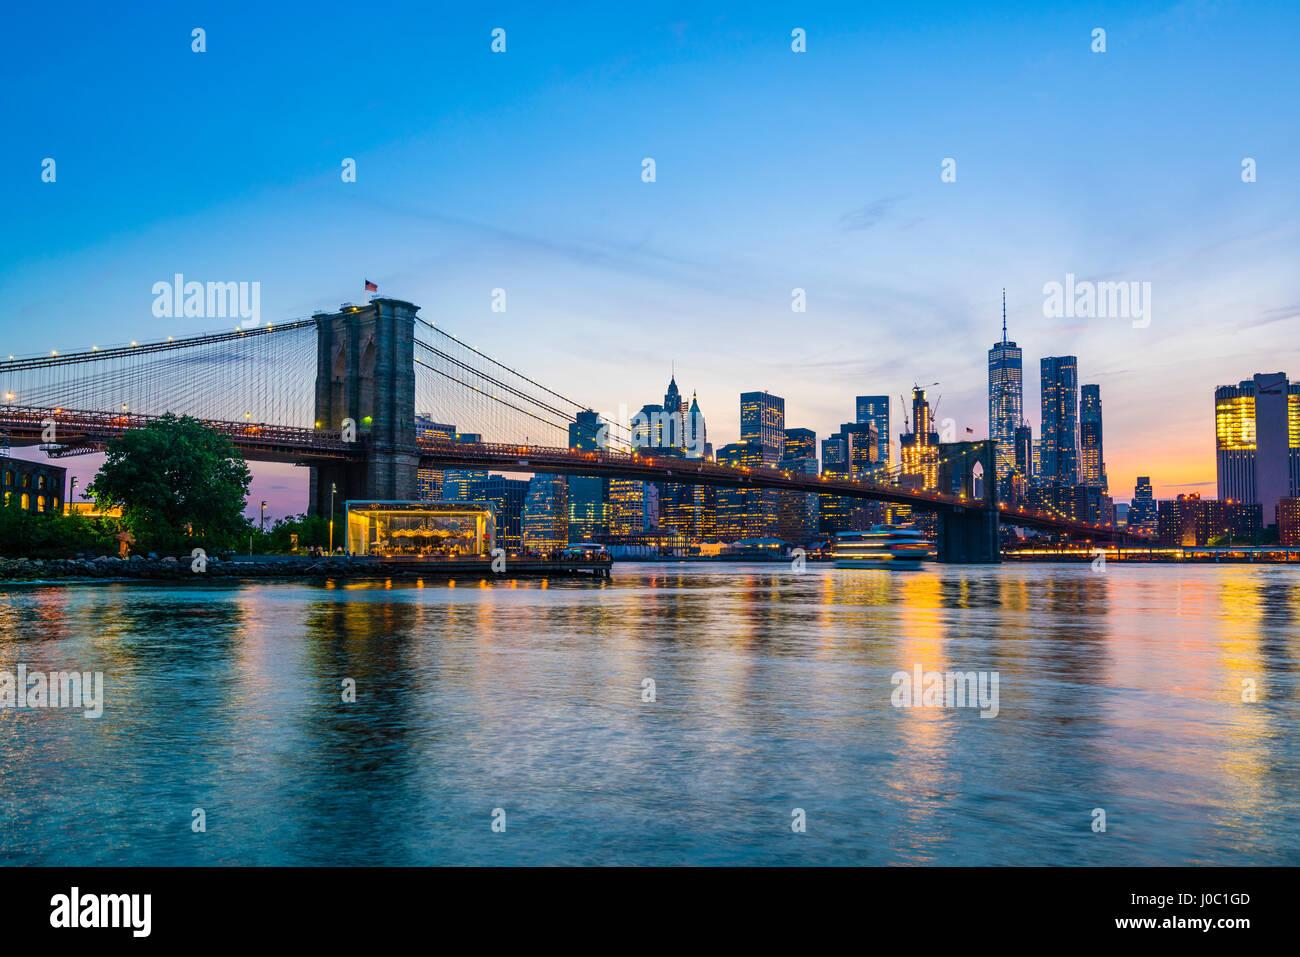 Brooklyn Bridge und Manhattan Skyline in der Abenddämmerung, angesehen vom East River, New York City, USA Stockbild